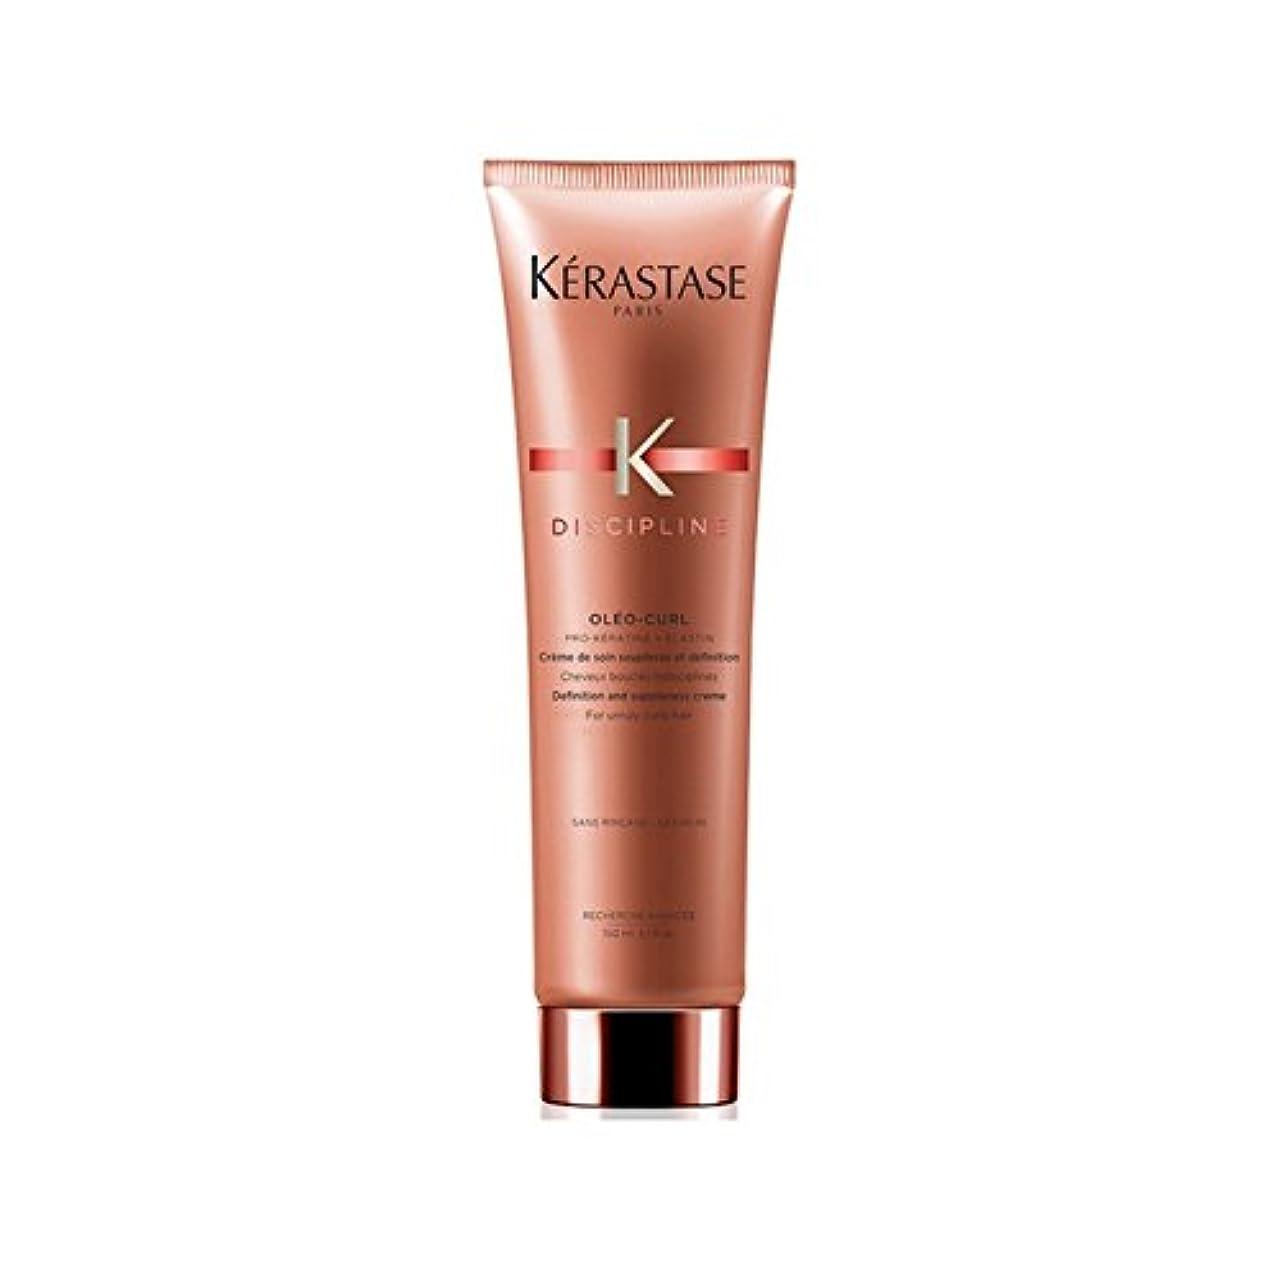 ピービッシュ練習した階理想的なクレンジングコンディショナー400ミリリットルカールケラスターゼの規律 x4 - K?rastase Discipline Curl Ideal Cleansing Conditioner 400ml (Pack...